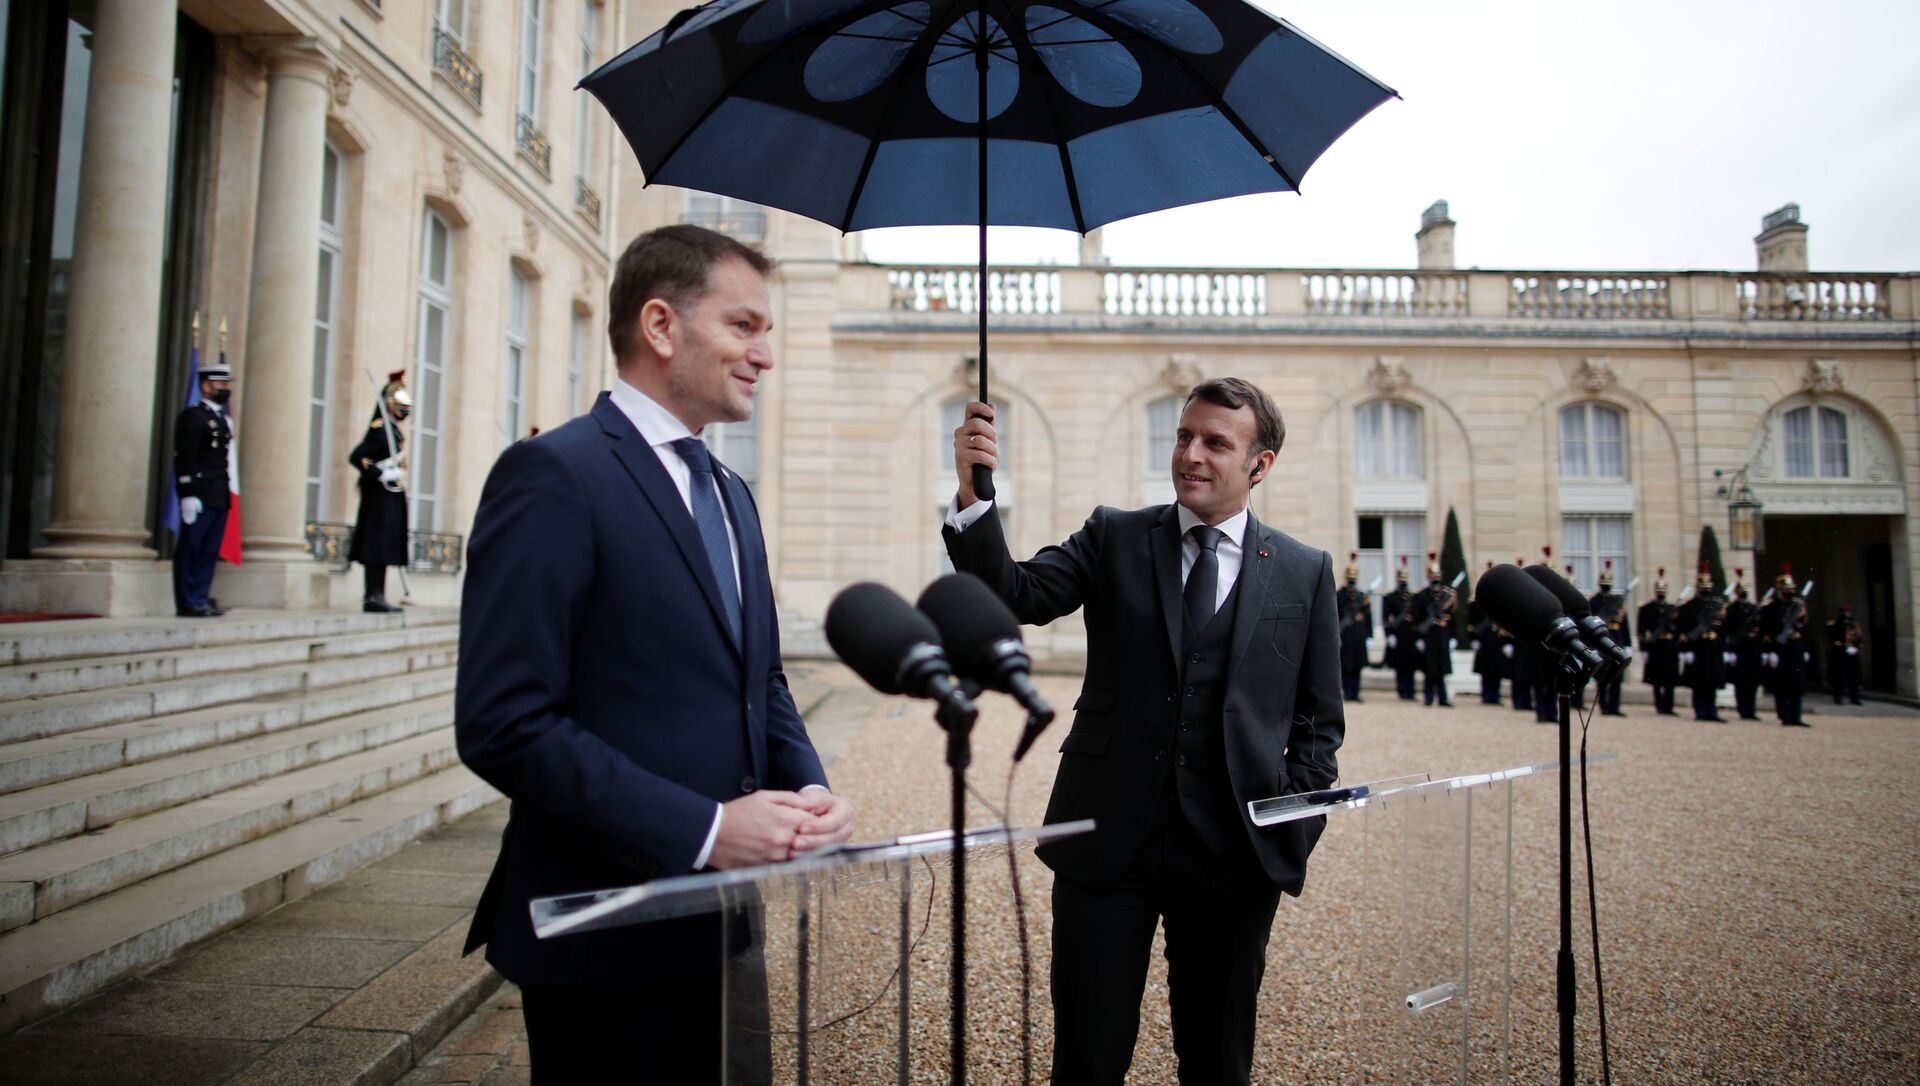 Президент Франции Эммануэль Макрон держит зонтик рядом с премьер-министром Словакии Игорем Матовичем во время совместного заявления в Елисейском дворце в Париже - Sputnik Italia, 1920, 14.02.2021